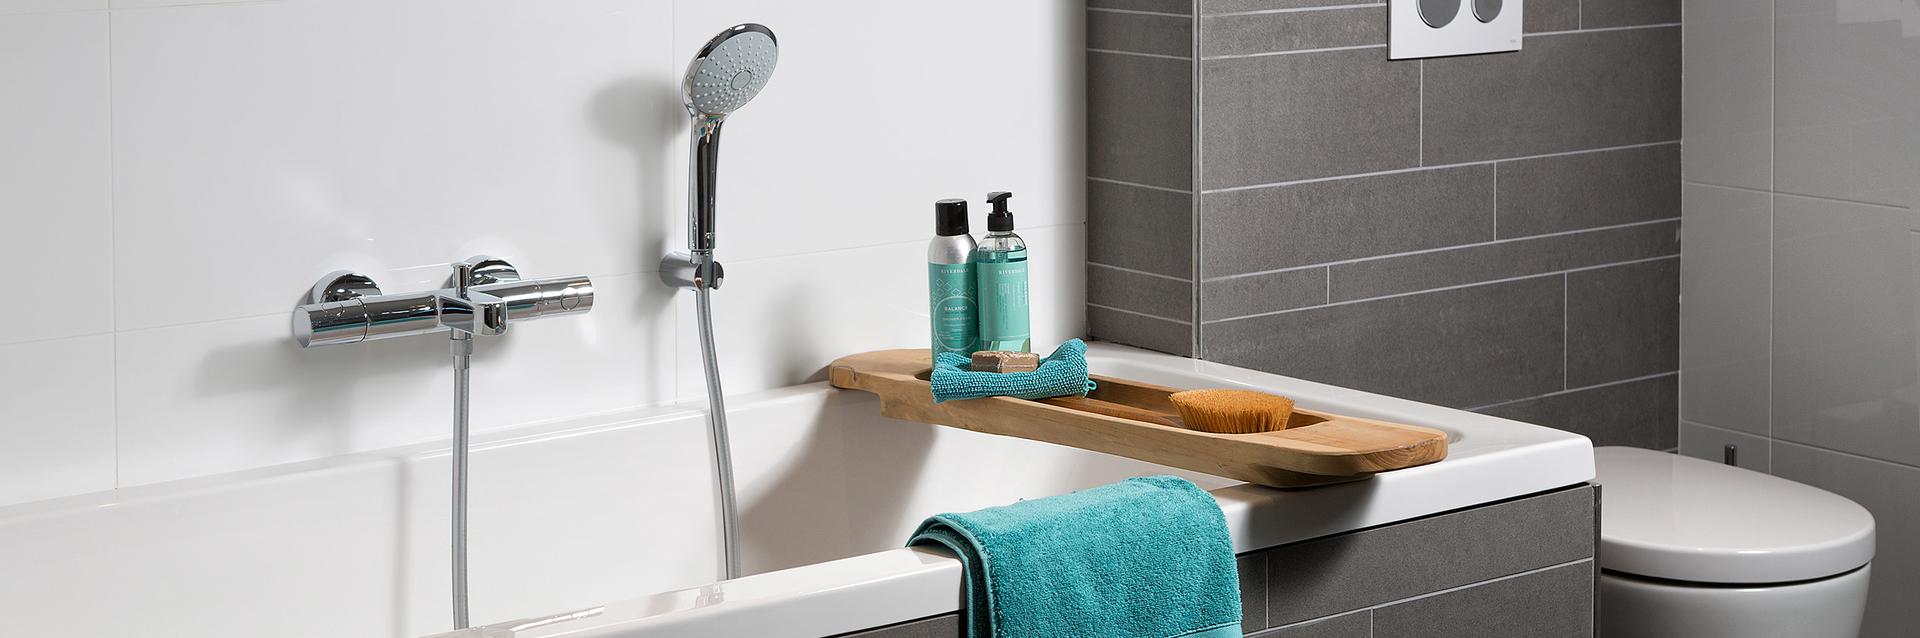 Ligbad met handdouche en badplank